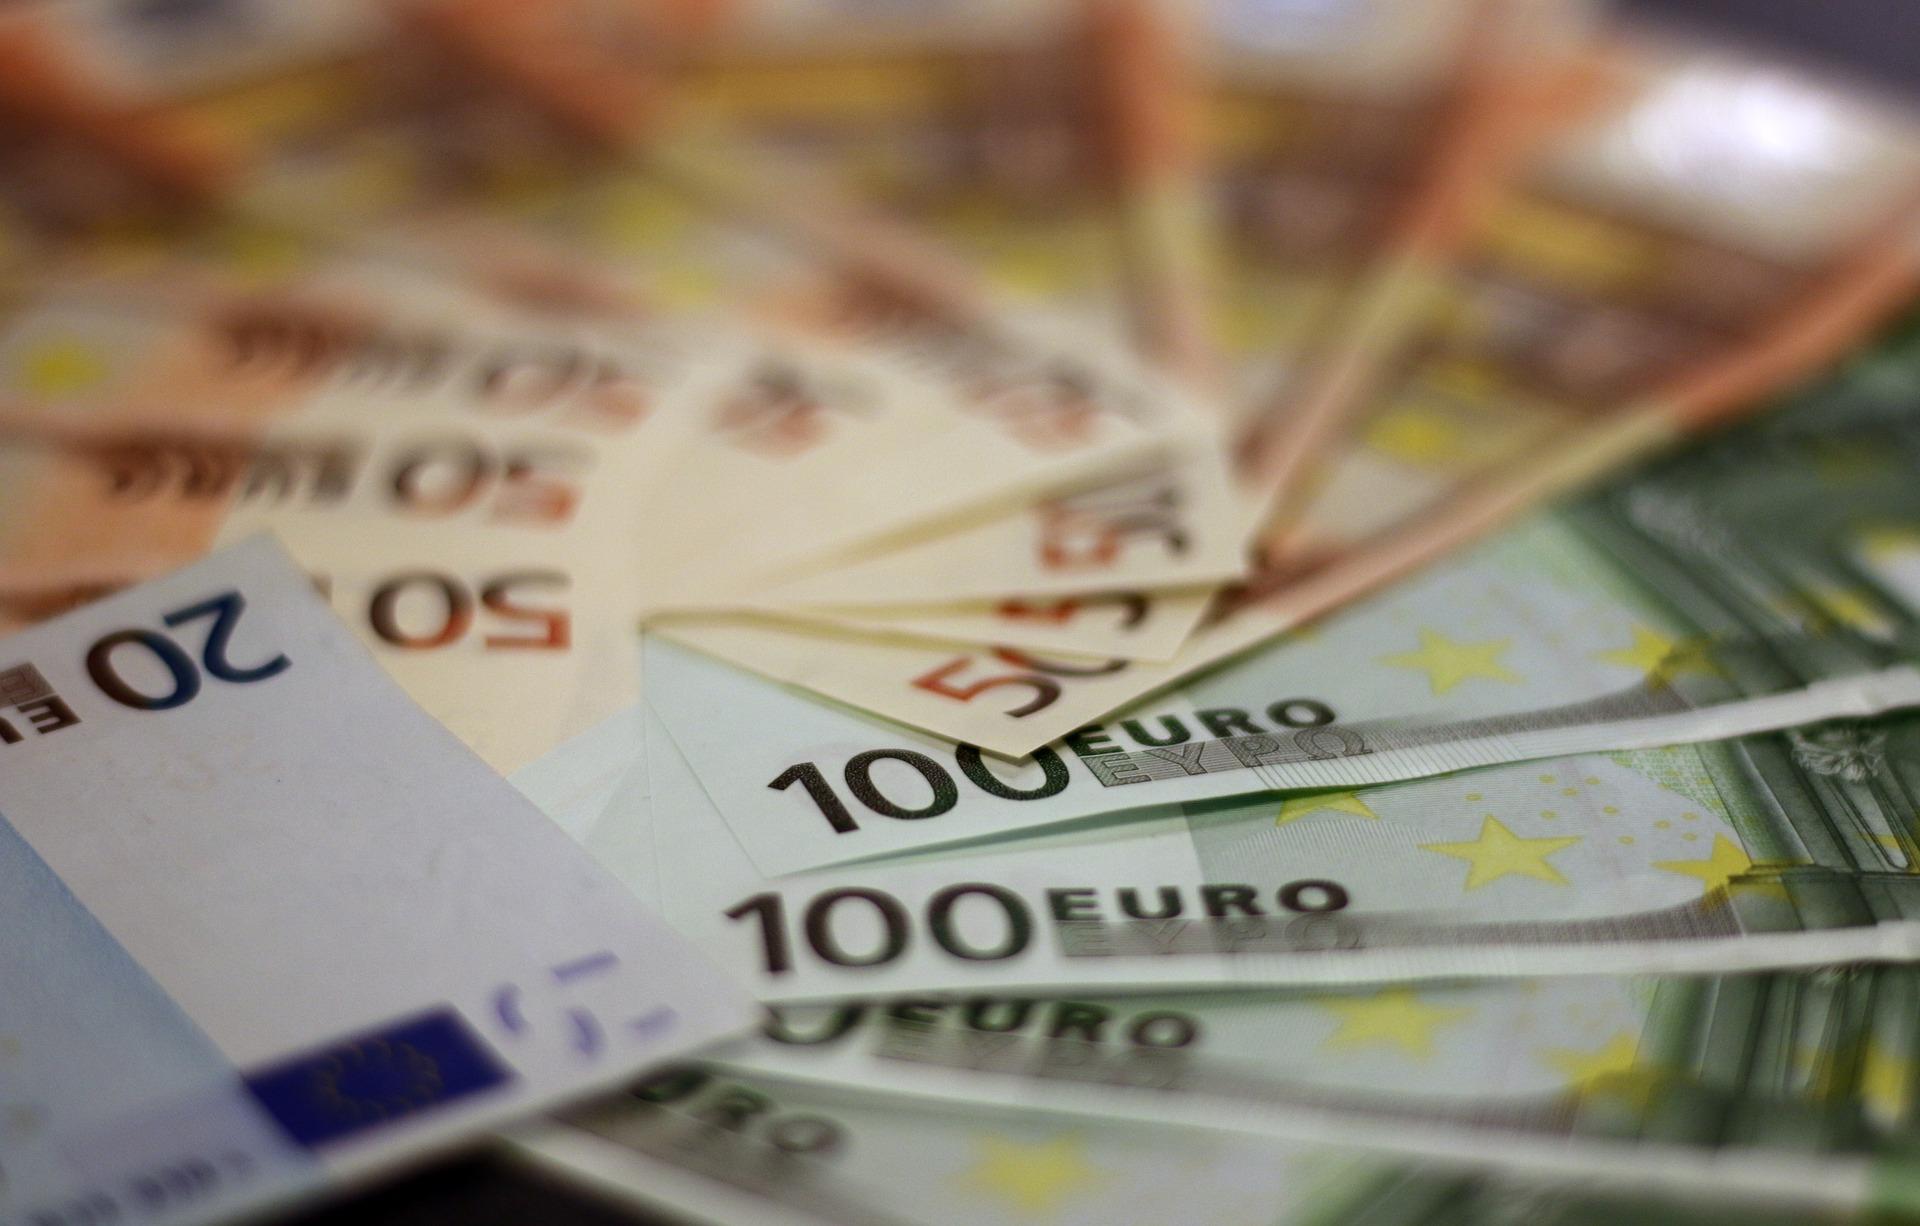 Acceso a financiación a través de los fondos FEDER para la innovación, digitalización y competitividad de las pymes